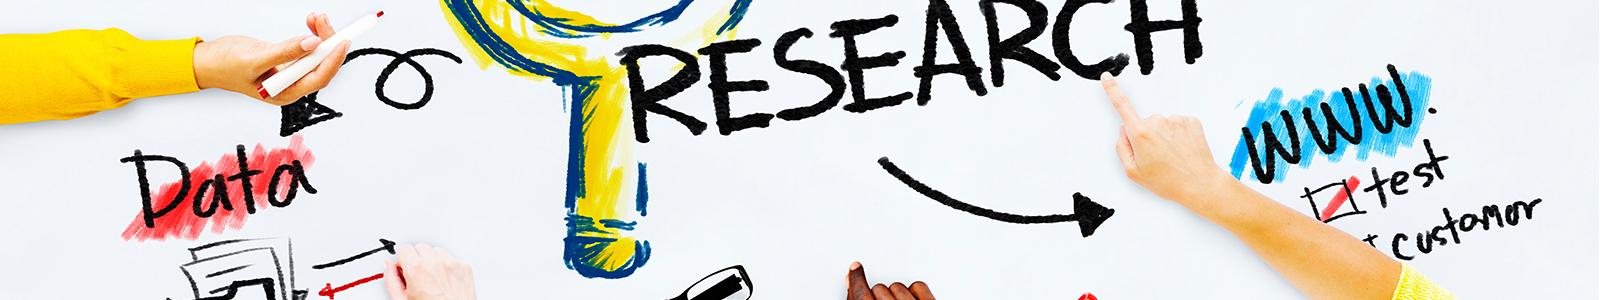 research_analysis_RGB_web_CROP